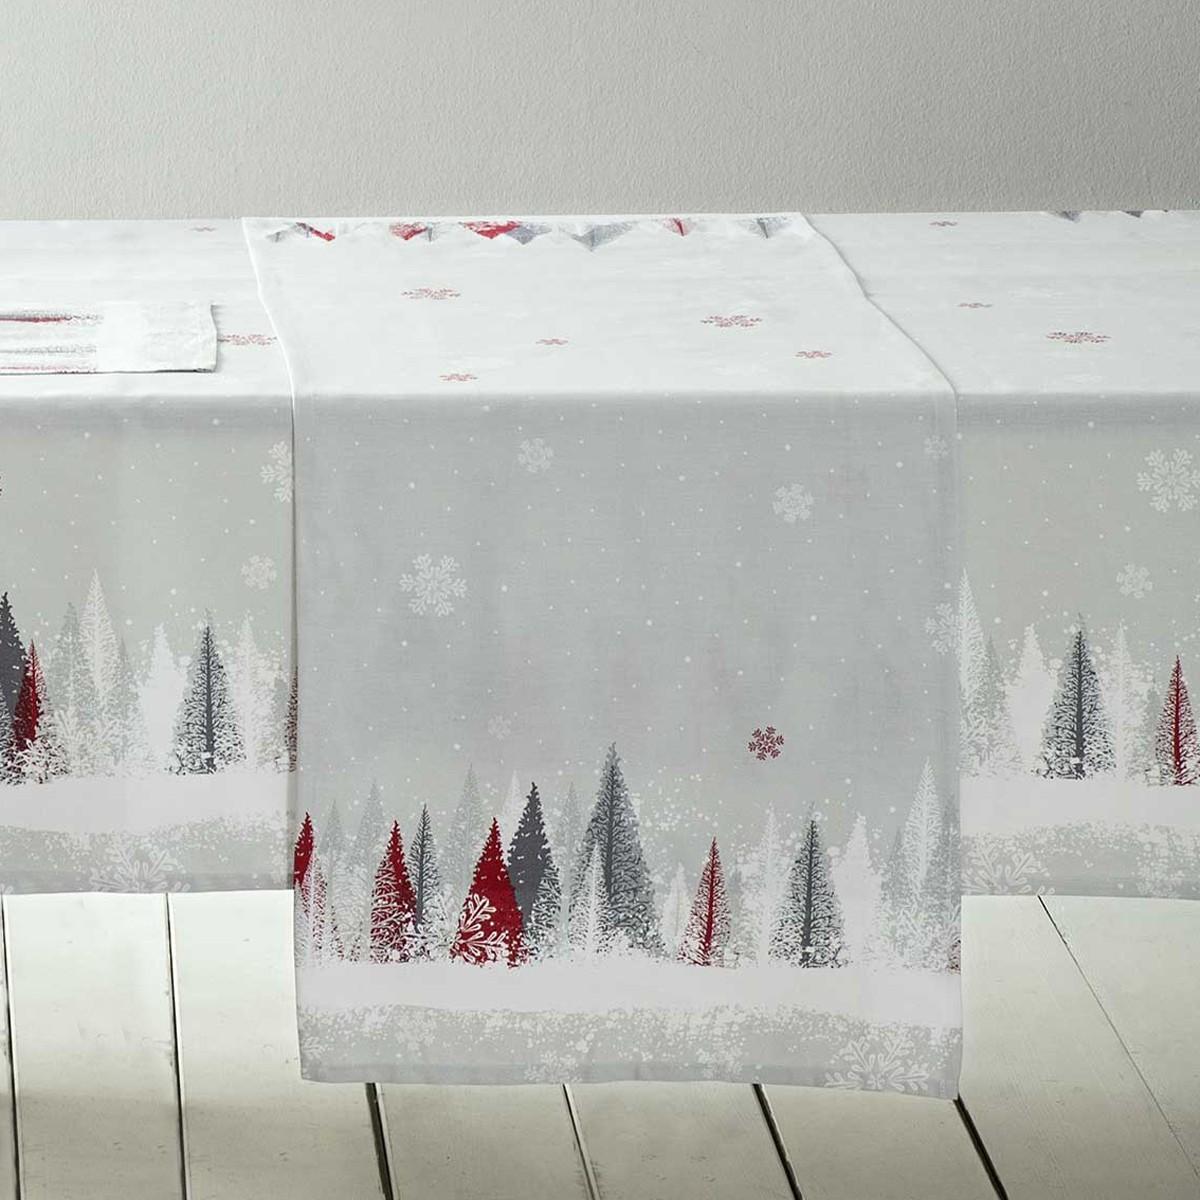 Χριστουγεννιάτικη Τραβέρσα Nima Snowfall home   χριστουγεννιάτικα   χριστουγεννιάτικες τραβέρσες